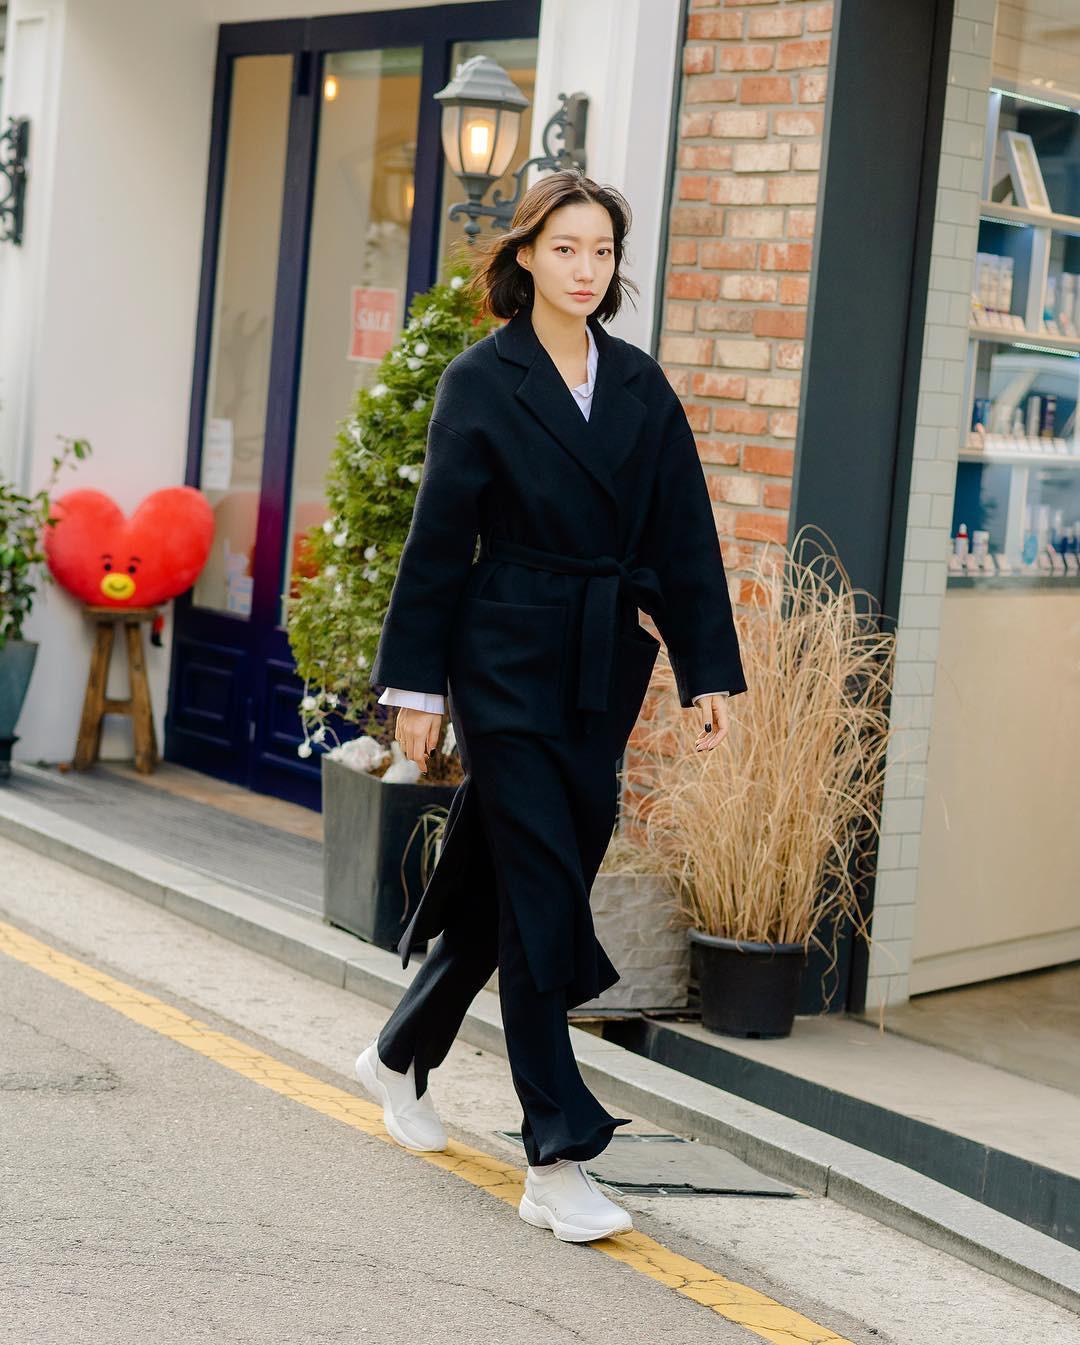 Mê phong cách đơn giản, bụi bặm hay chanh xả, bạn cũng sẽ bỏ túi được cả rổ gợi ý từ street style tuần qua của giới trẻ Hàn - Ảnh 5.